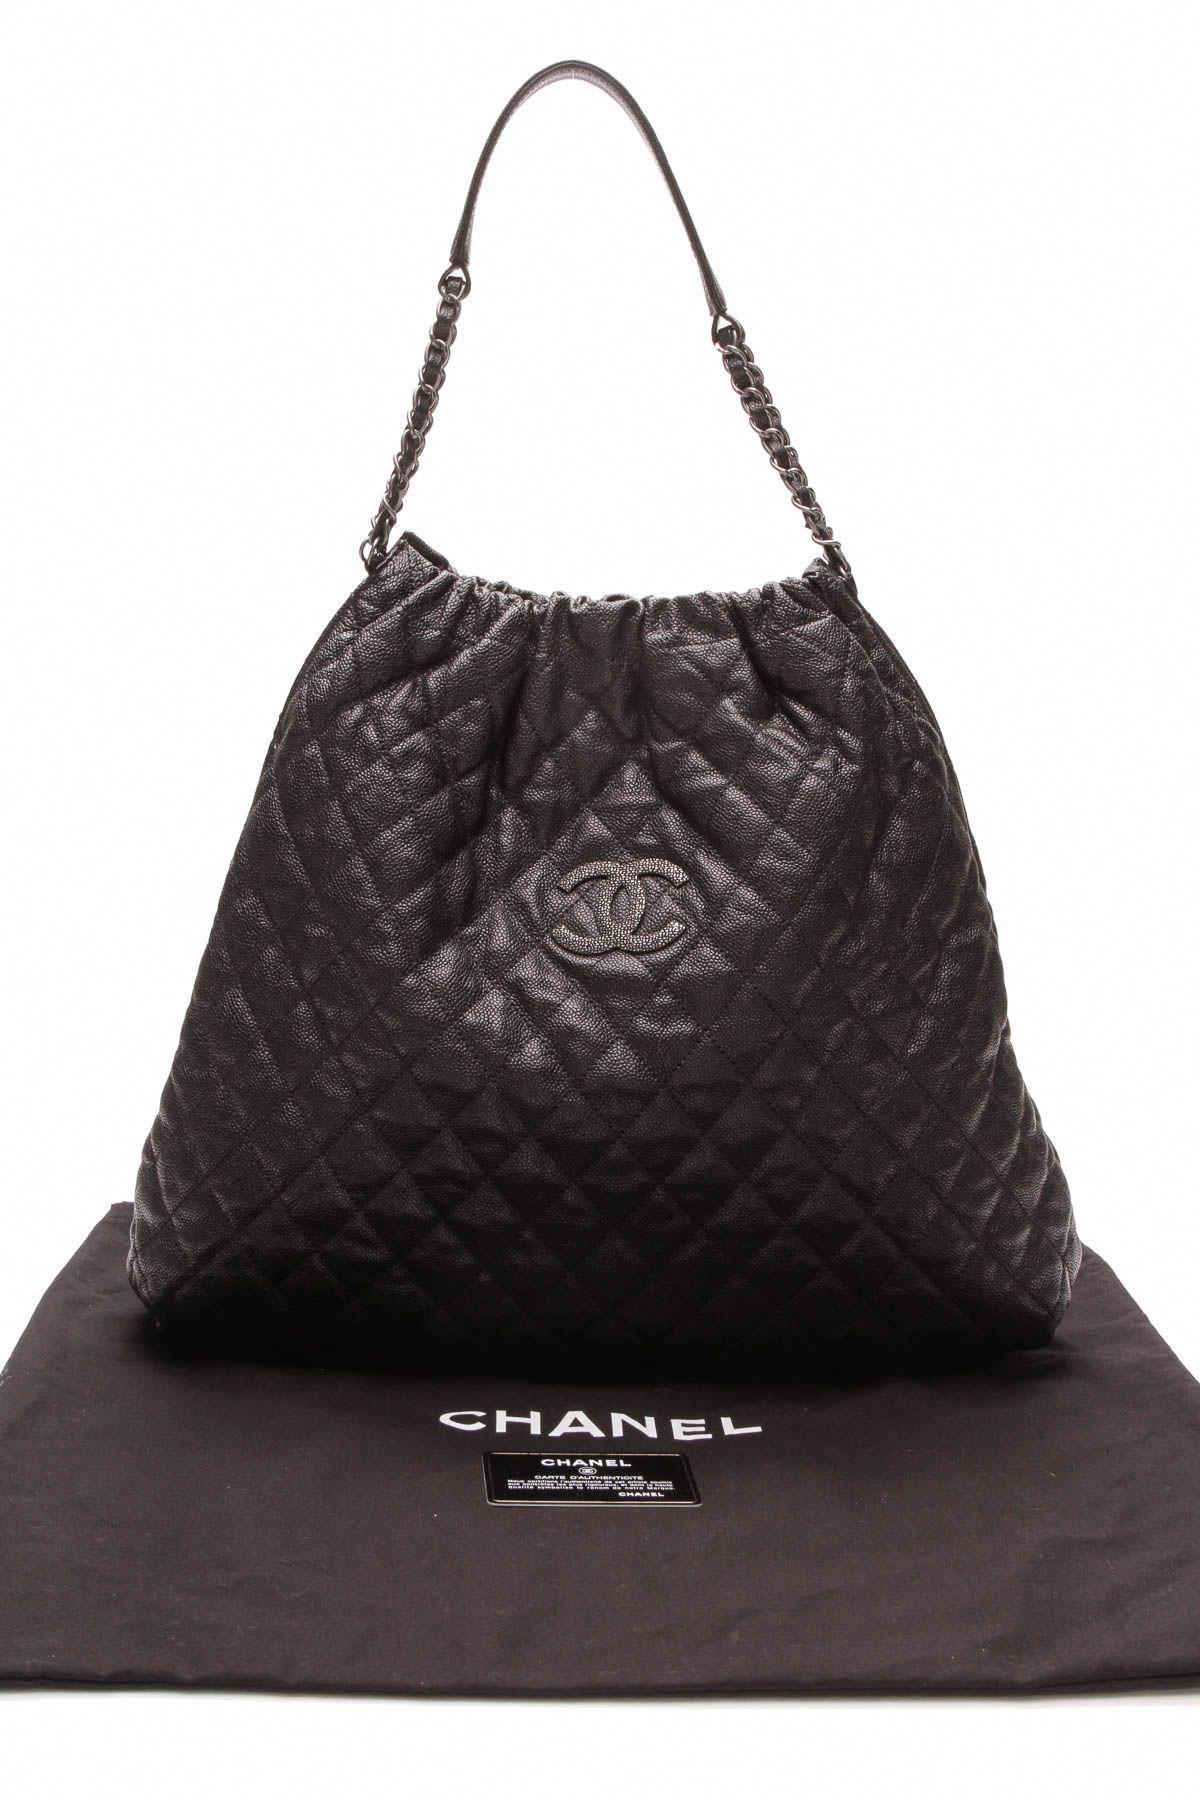 Chanel Large Elastic Tote Bag - Black  Chanelhandbags  177ef768c01